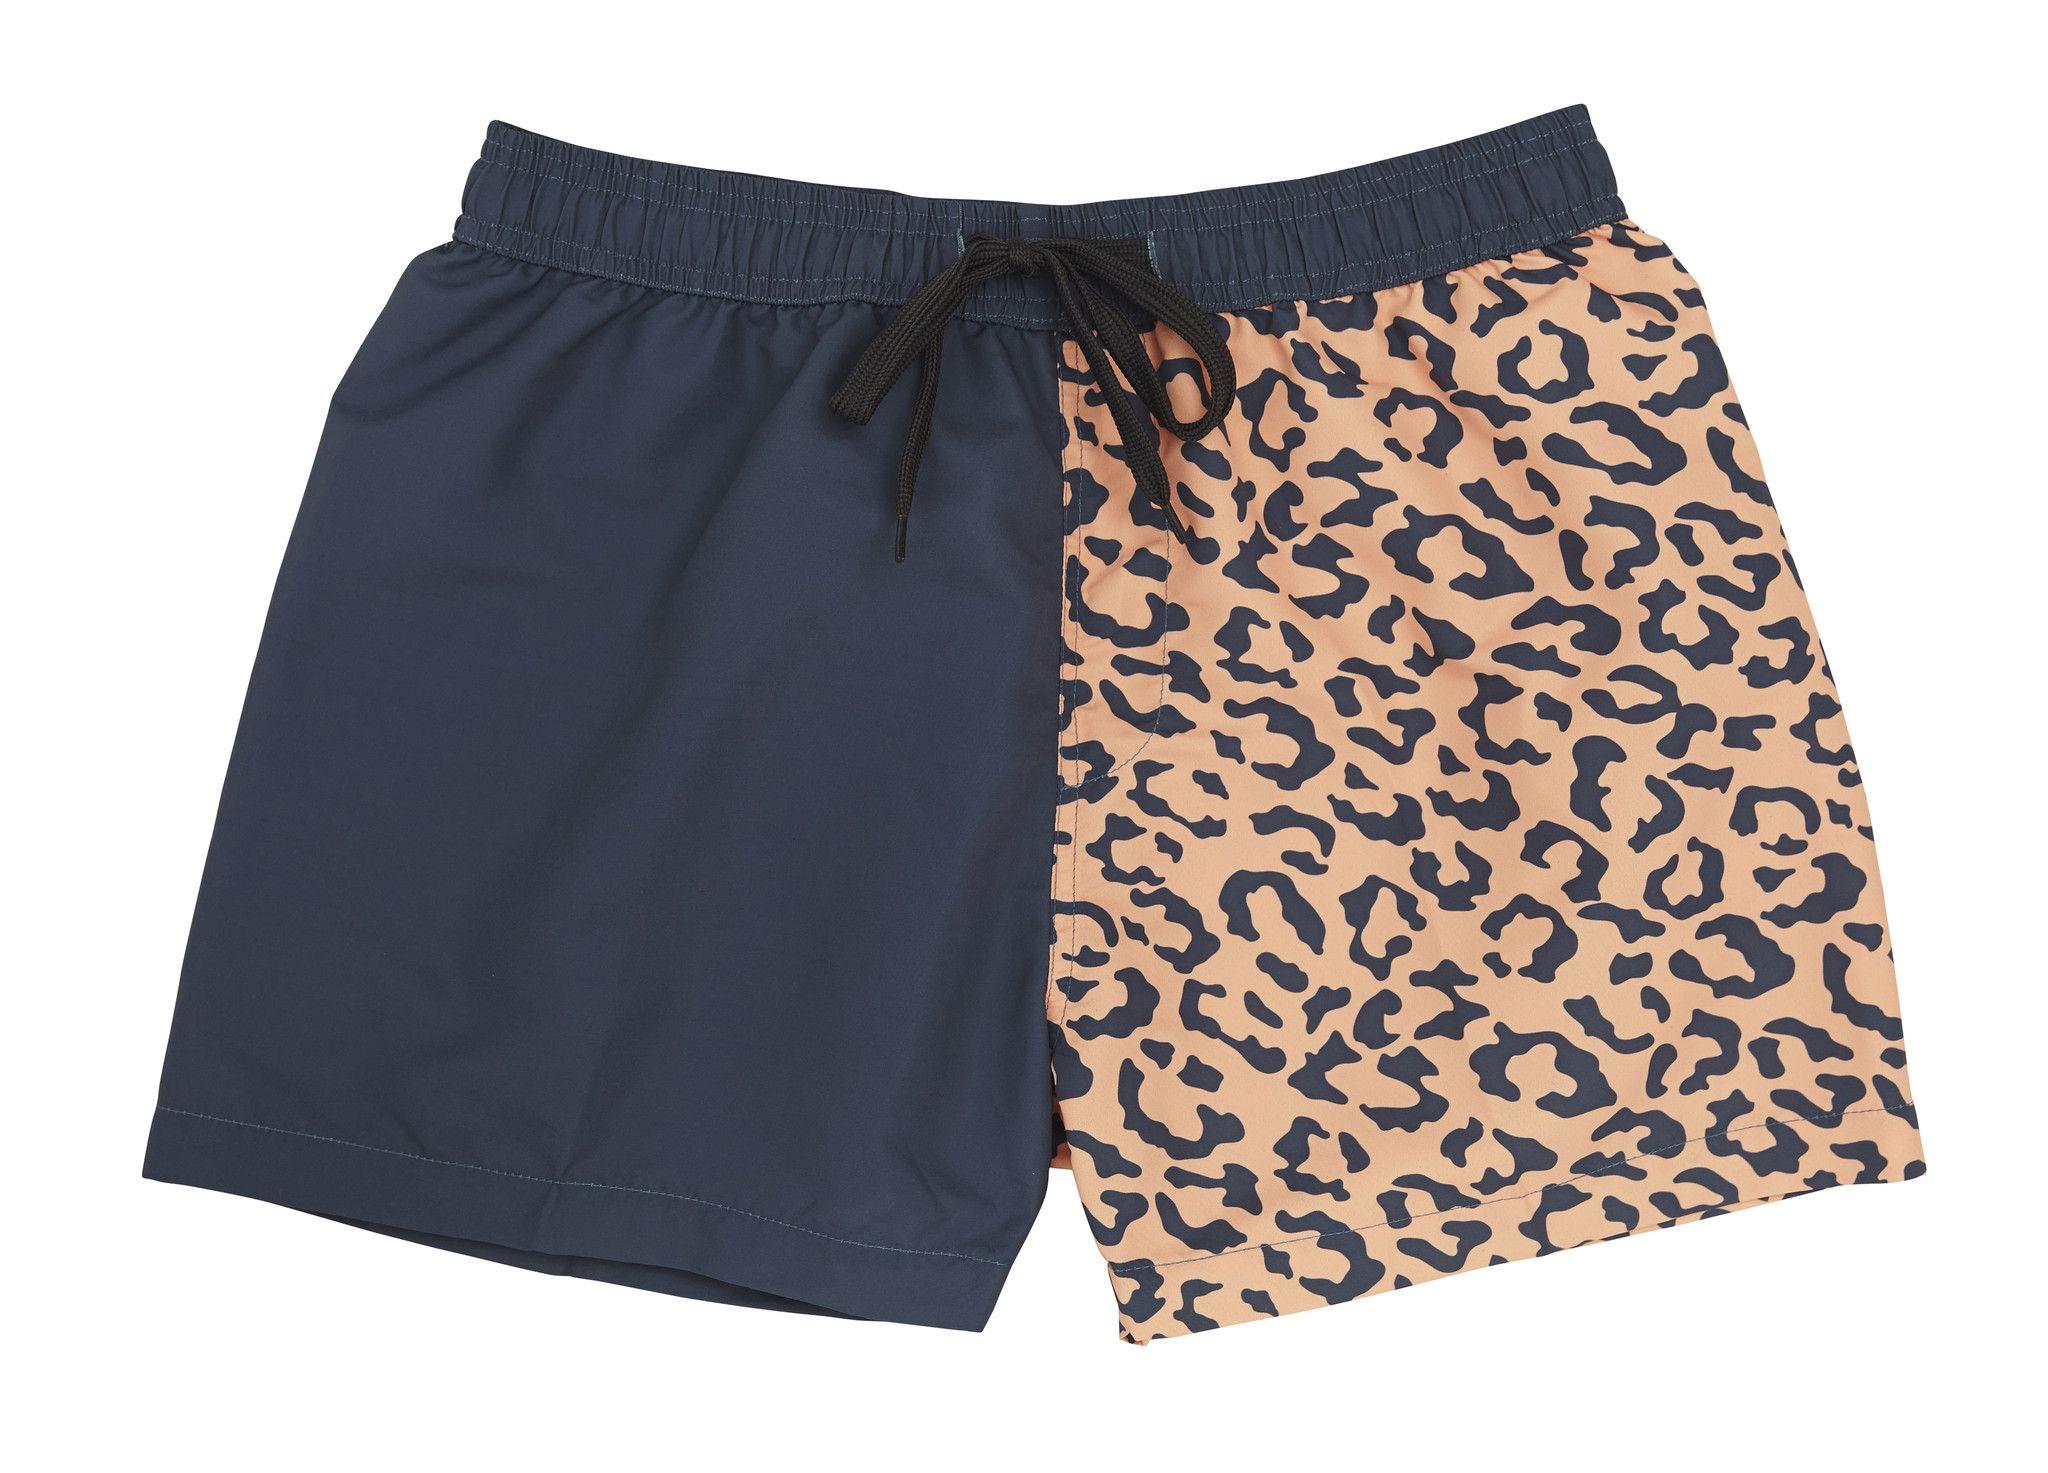 fd1efd58407 Animal Print Swim Trunks for Men by Hot Thunder | Men's Style | Swim ...